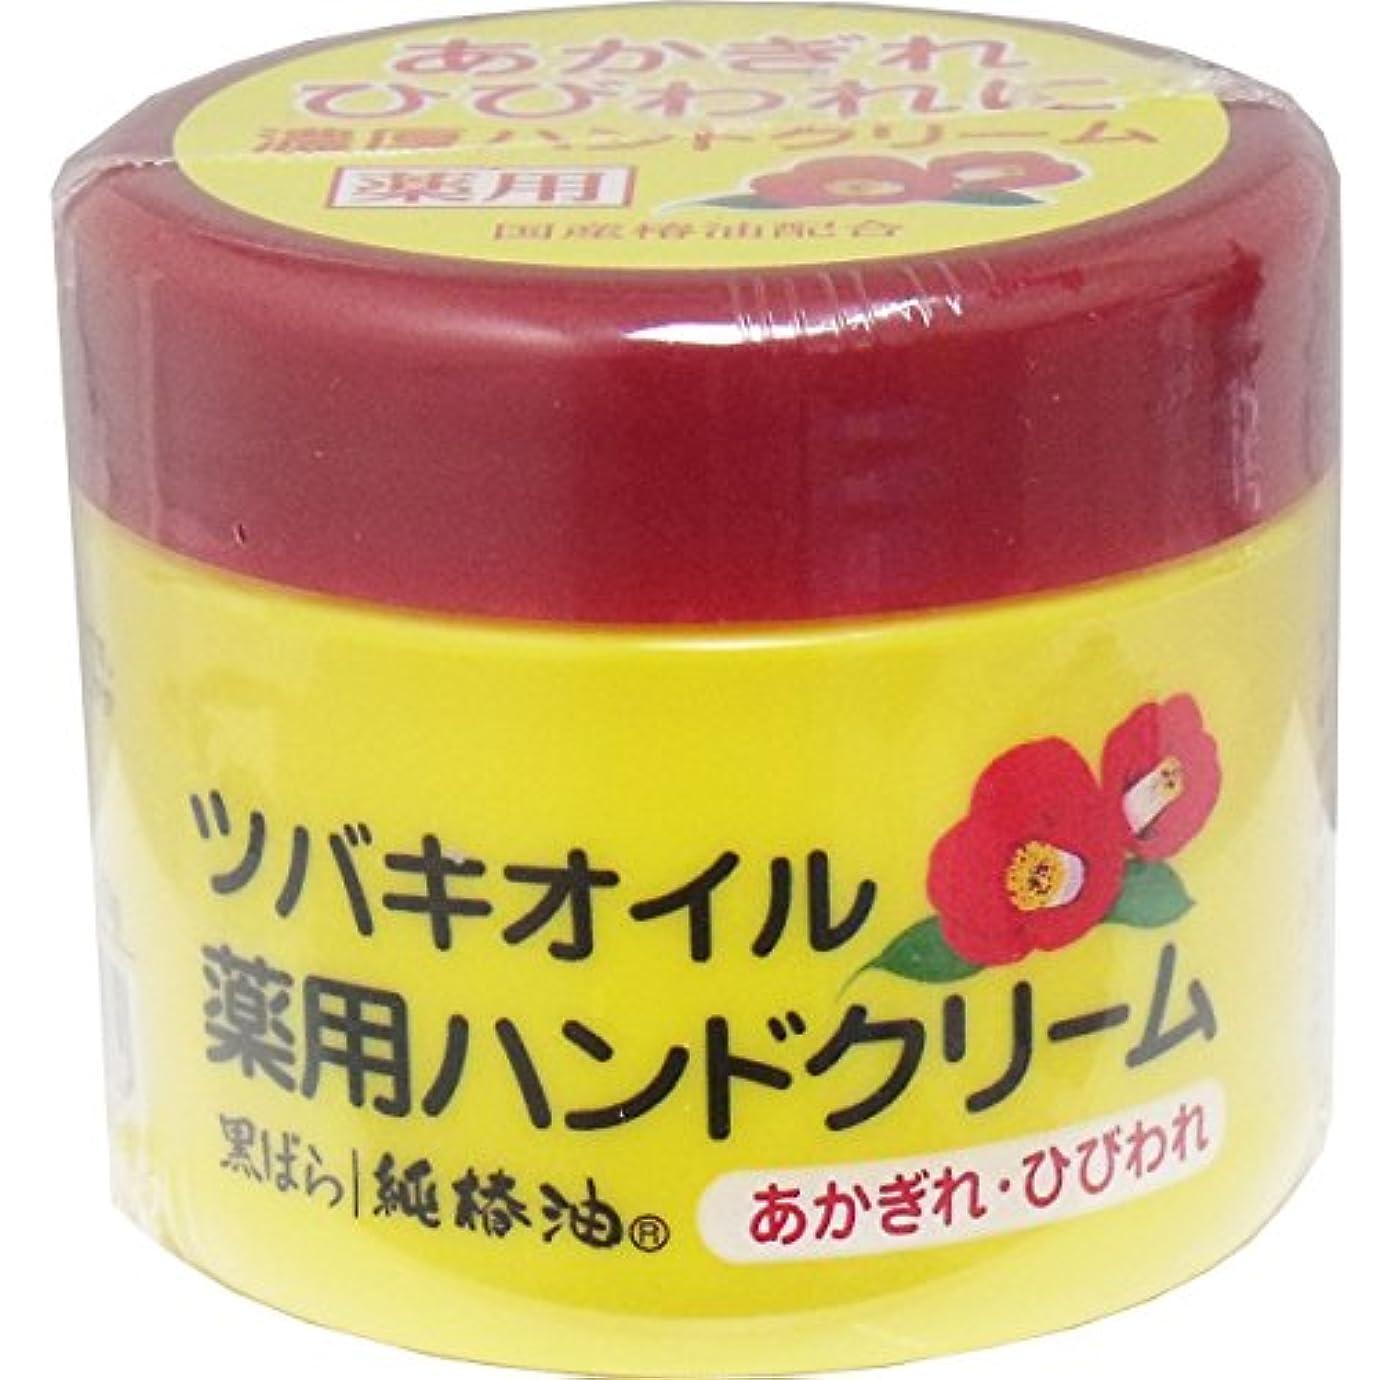 プラスチックアピール落ち着いた【まとめ買い】ツバキオイル 薬用ハンドクリーム ×2セット